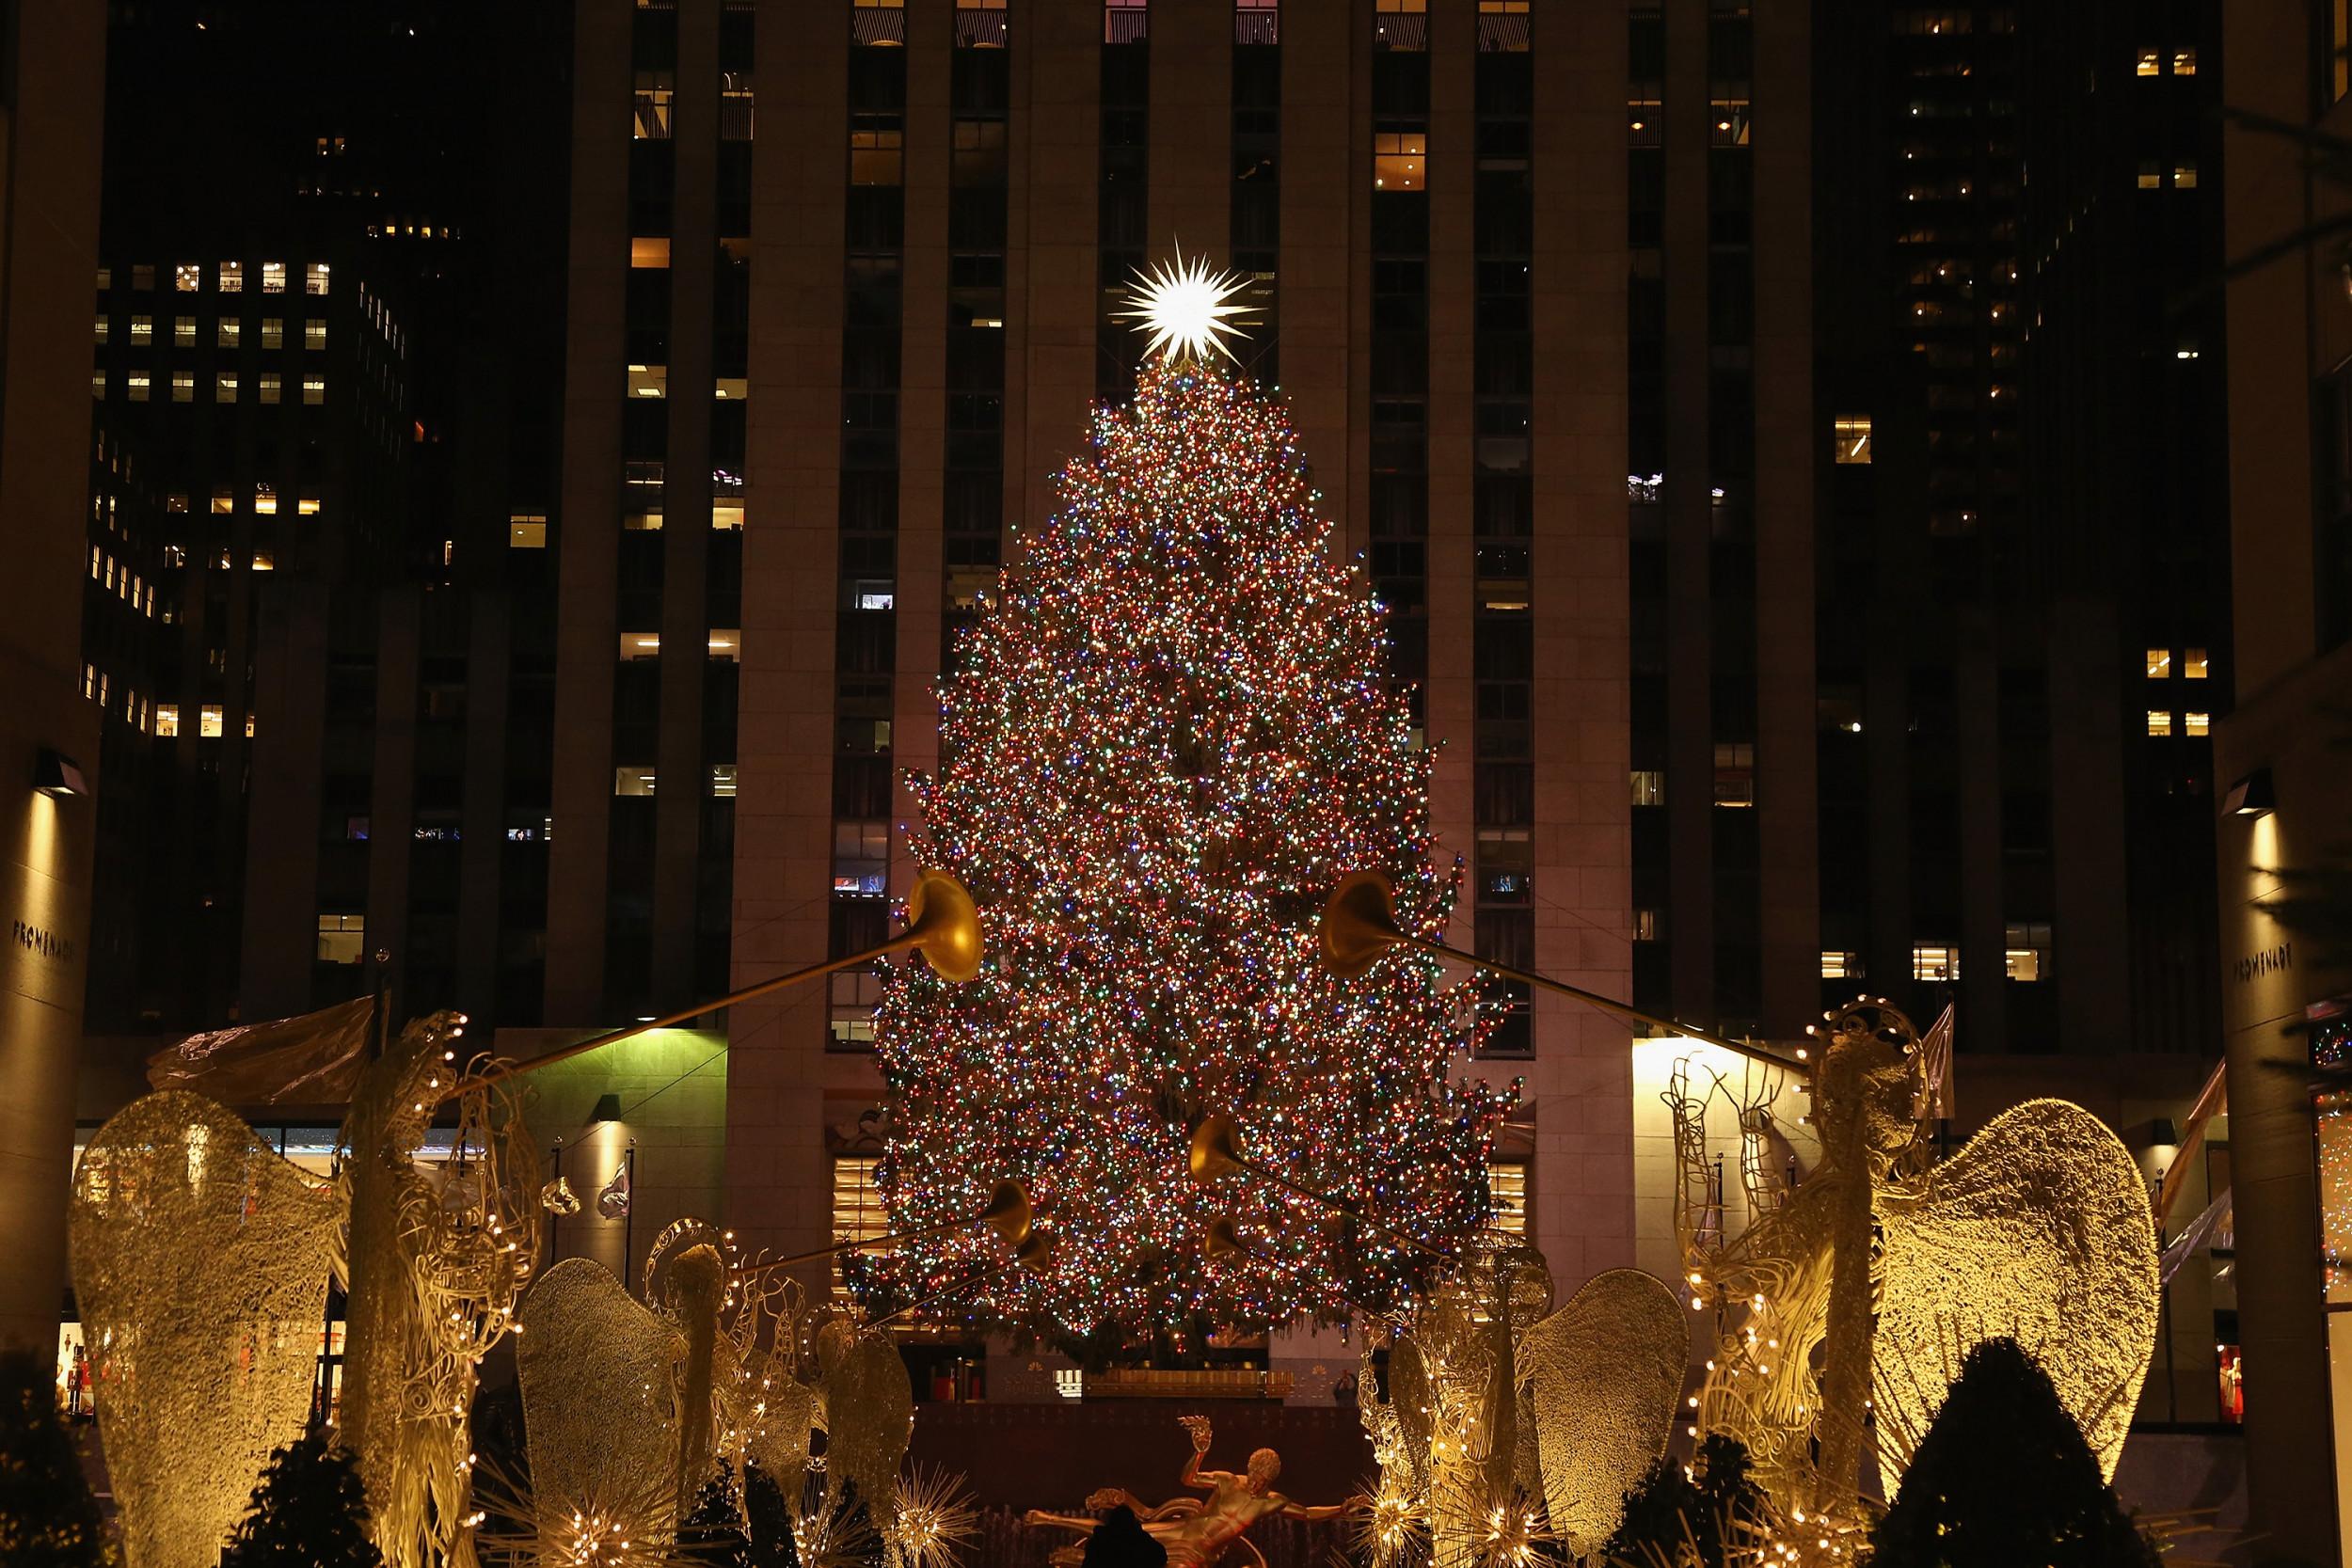 rockefeller center christmas tree lighting time livestream